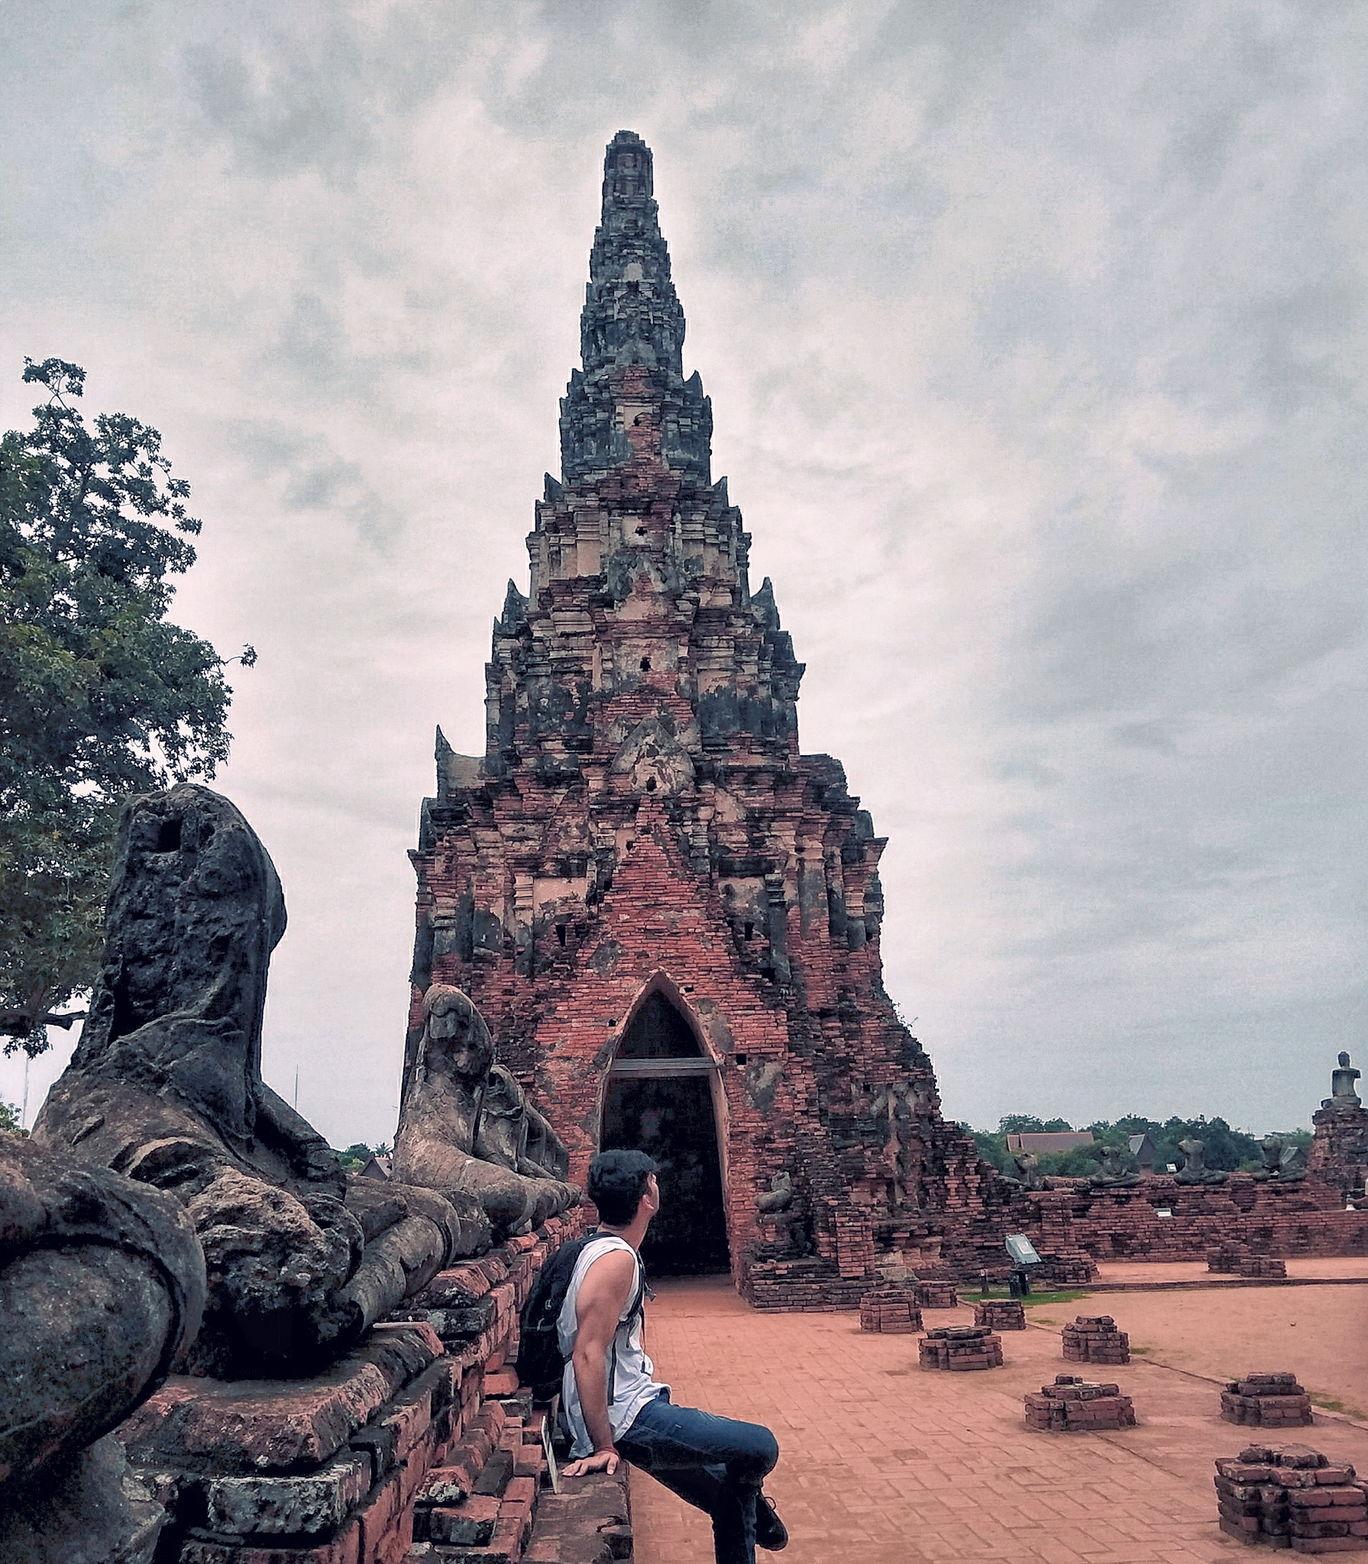 Photo of Phra Nakhon Si Ayutthaya By Nikhil Khanna